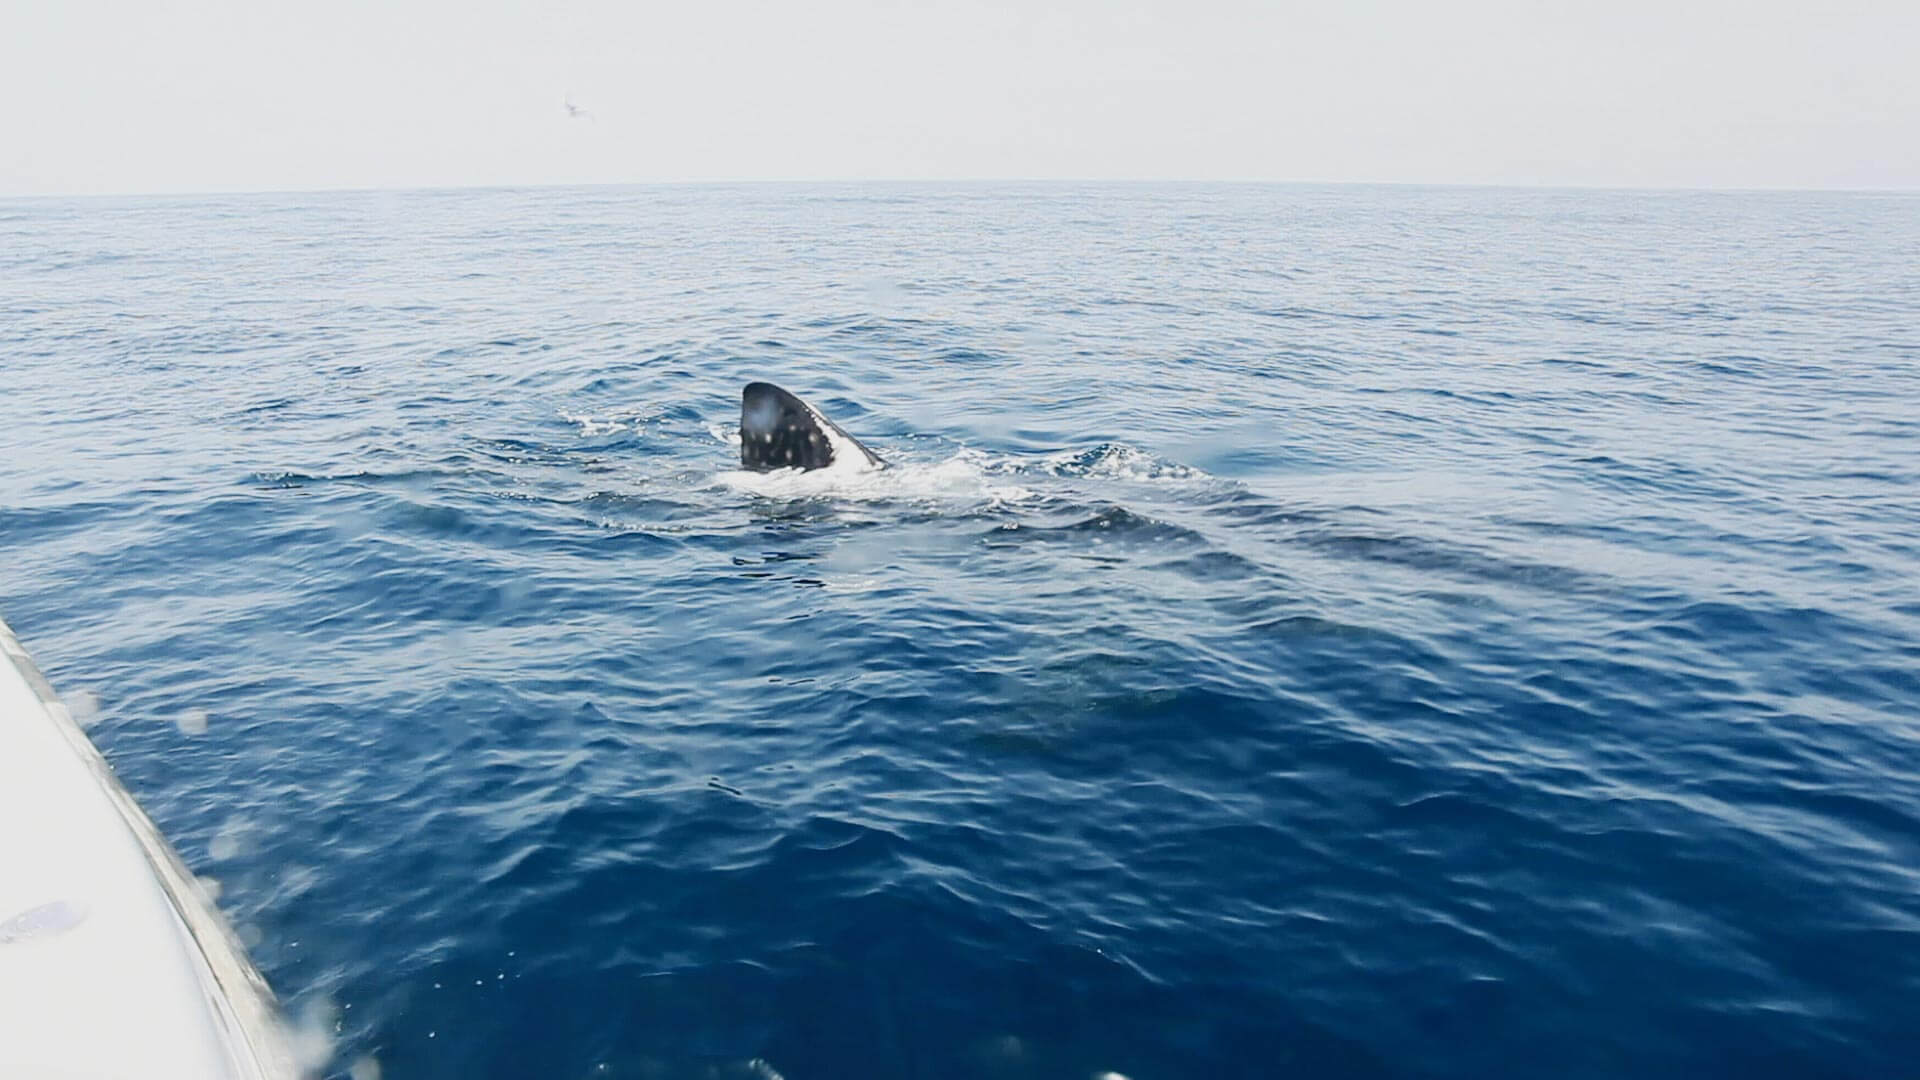 لقطات من زيارة القرش الحوت